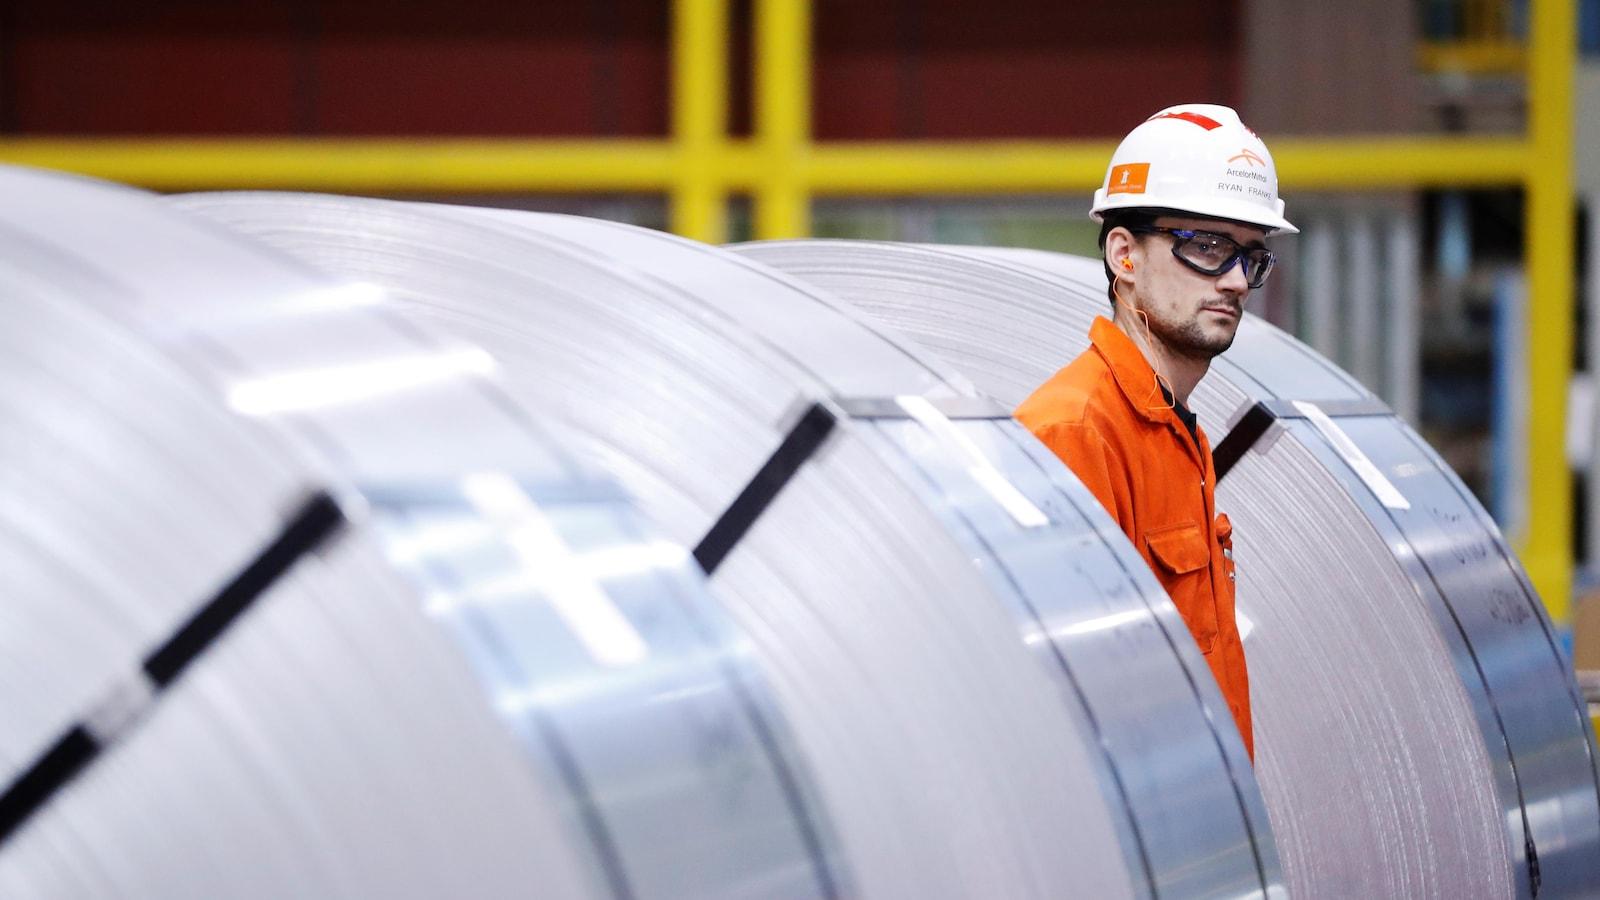 Un travailleur se tient debout entre des rouleaux de feuilles d'acier.